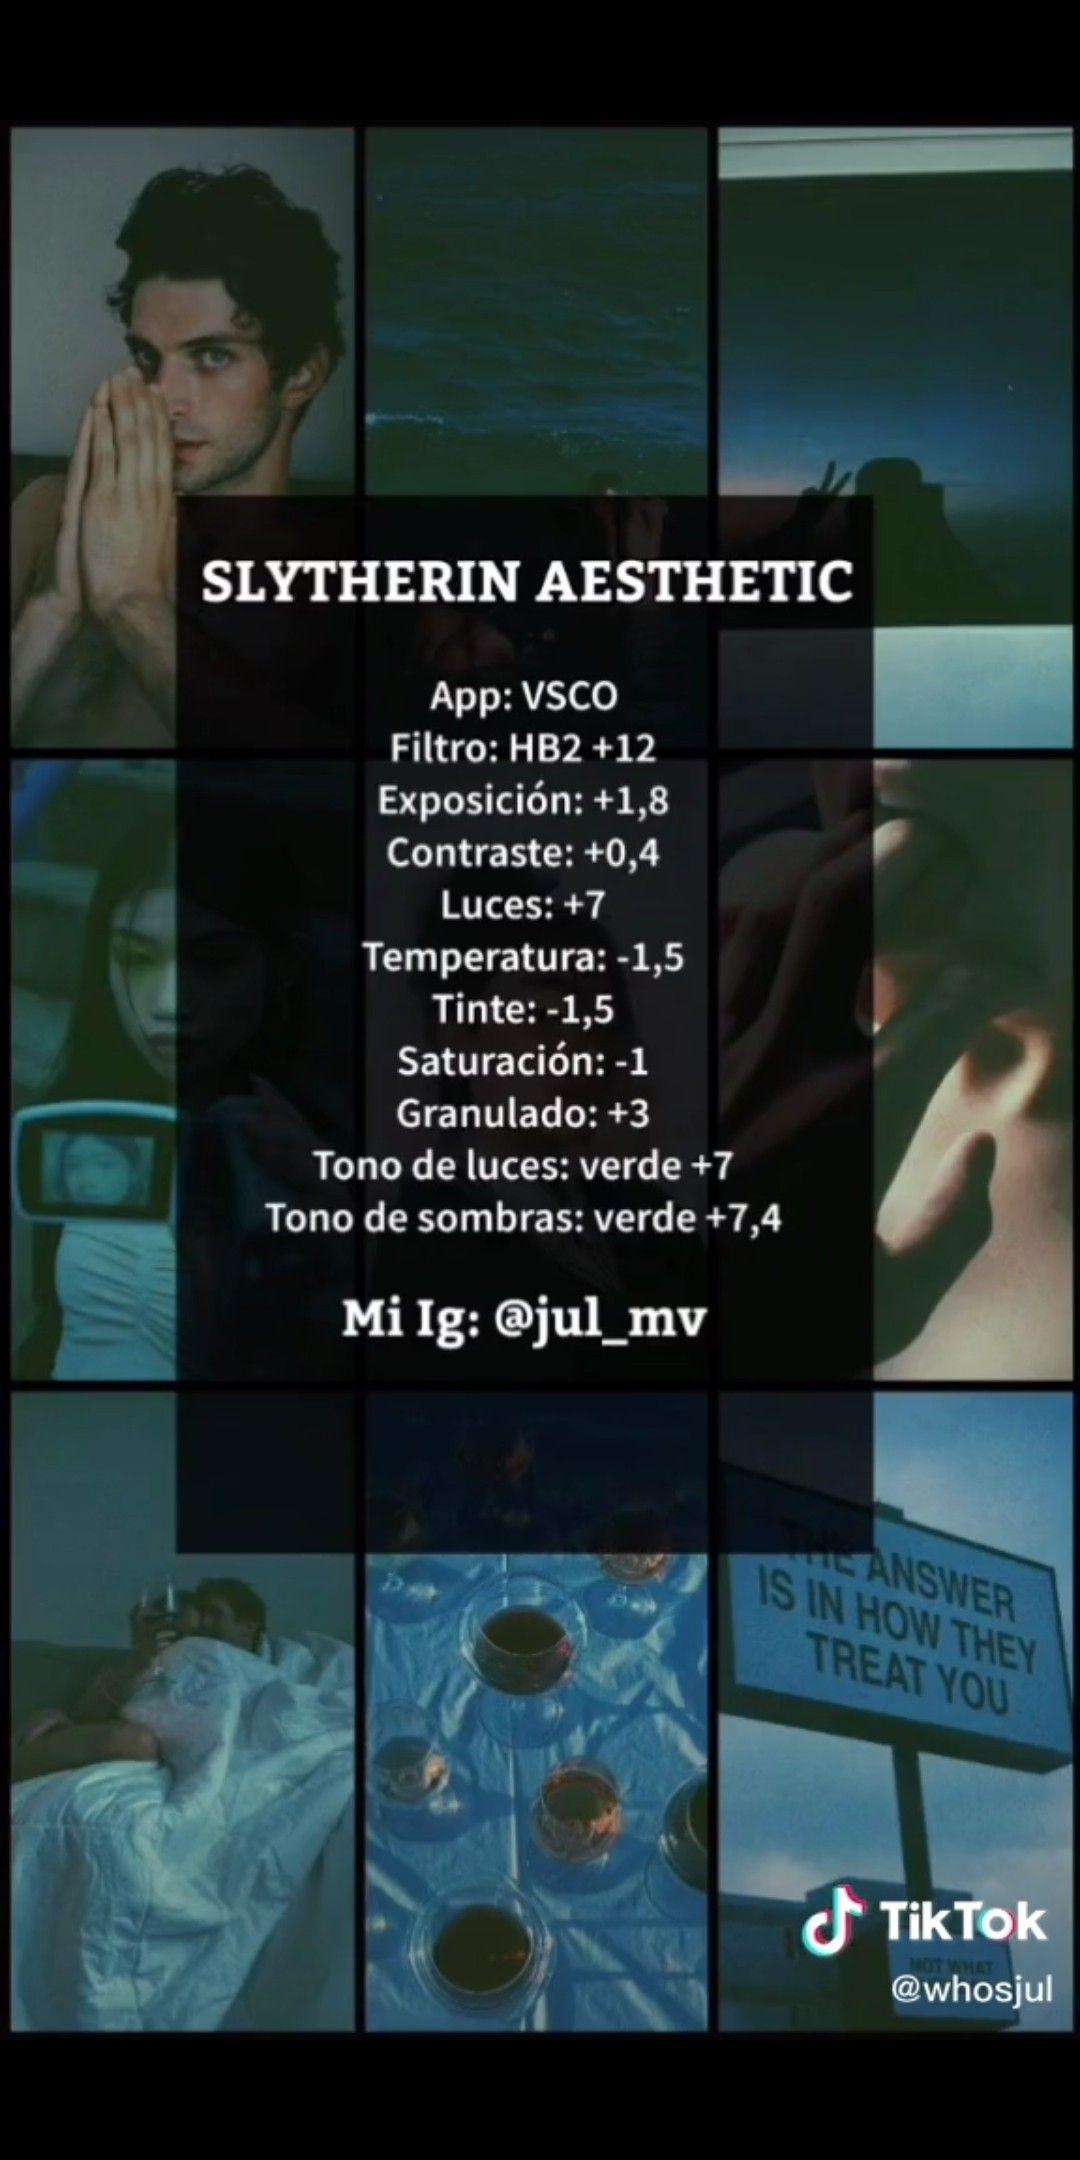 Slytherin Filter Vsco Filter Instagram Best Vsco Filters Vsco Filter